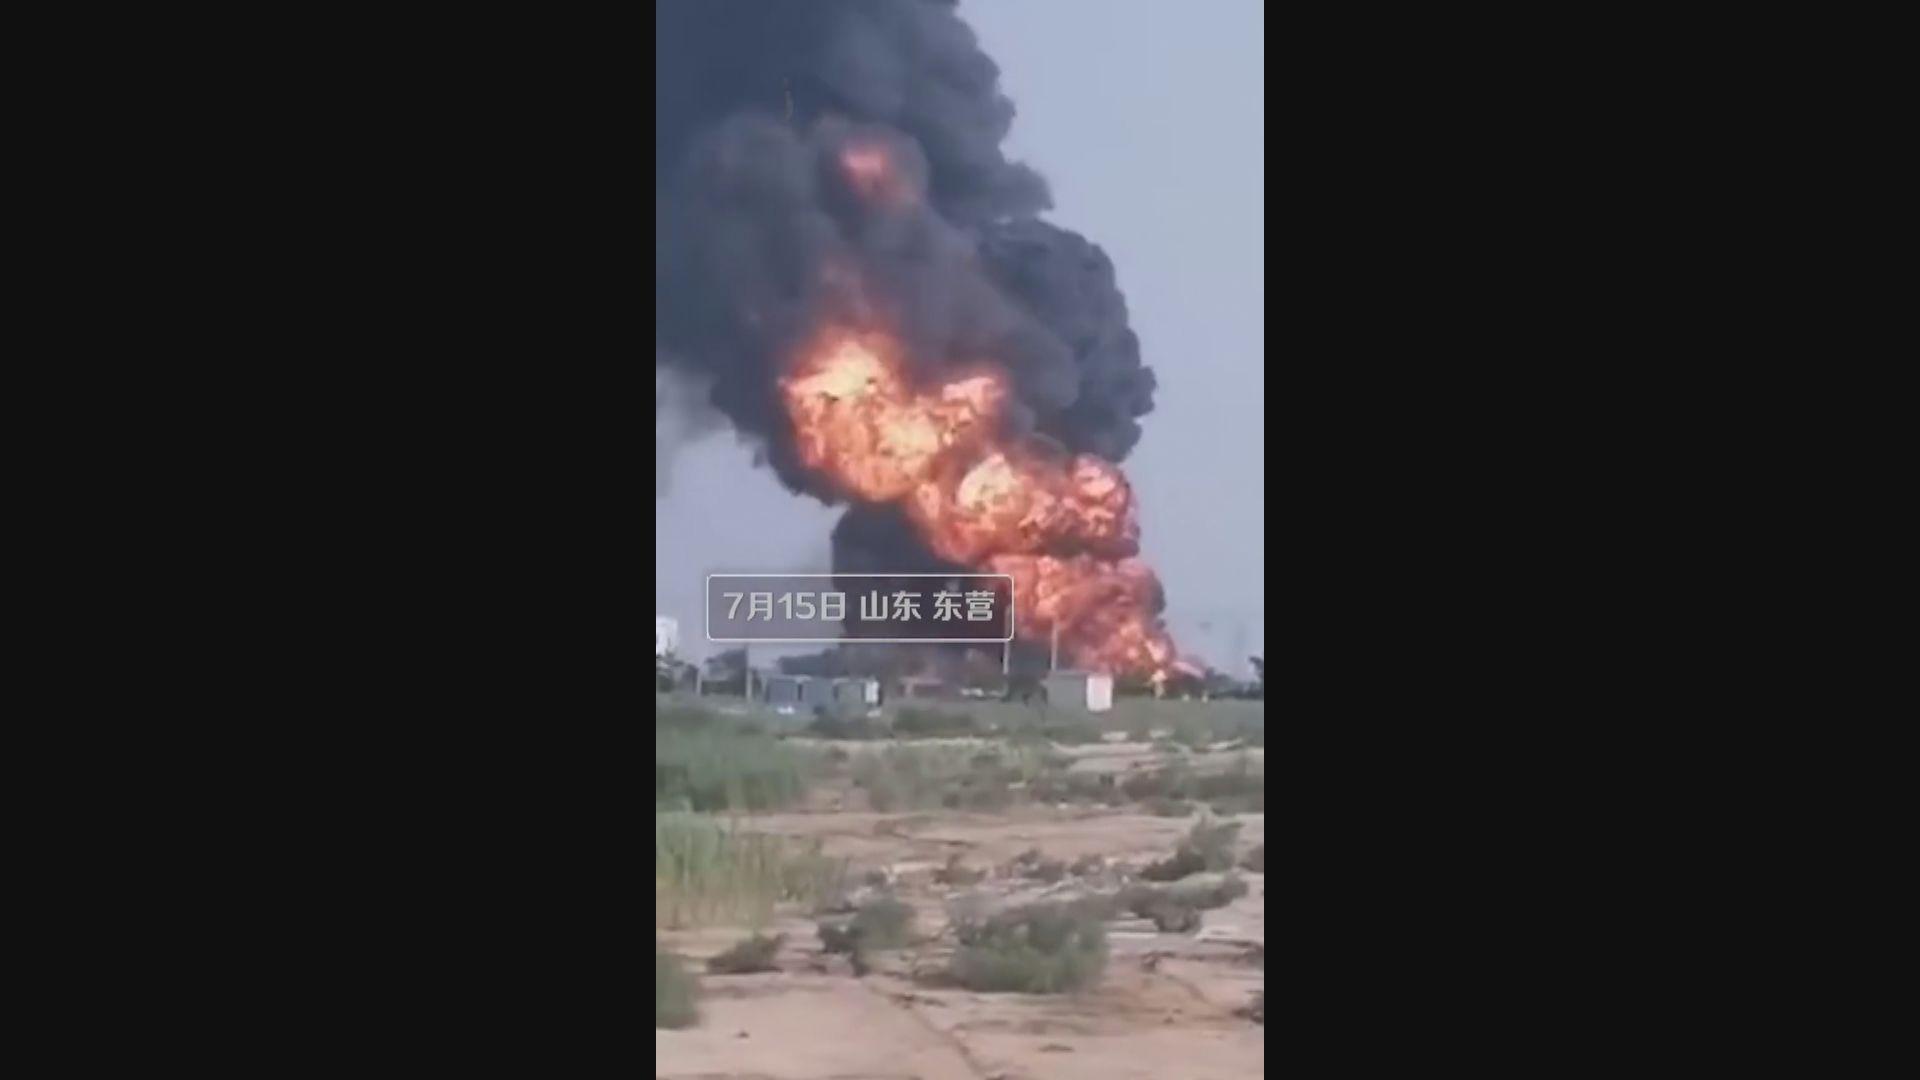 山東有油罐車爆炸 多人受傷